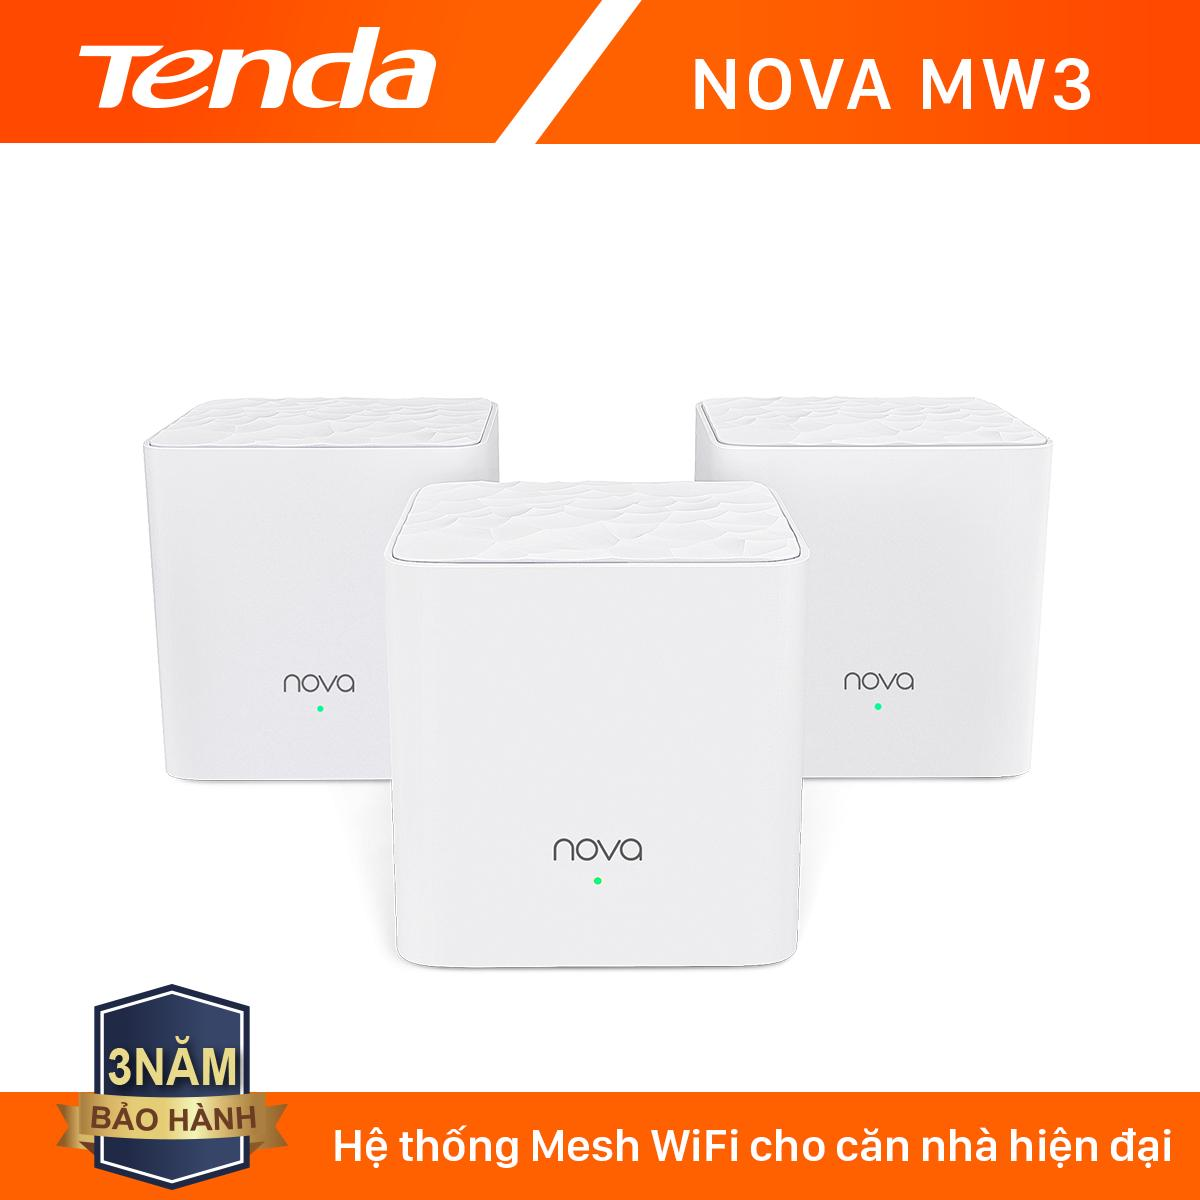 Giá Tenda Hệ thống Wifi Nova Mesh cho gia đình MW3 Chuẩn AC 1200Mbps - Hãng phân phối chính thức